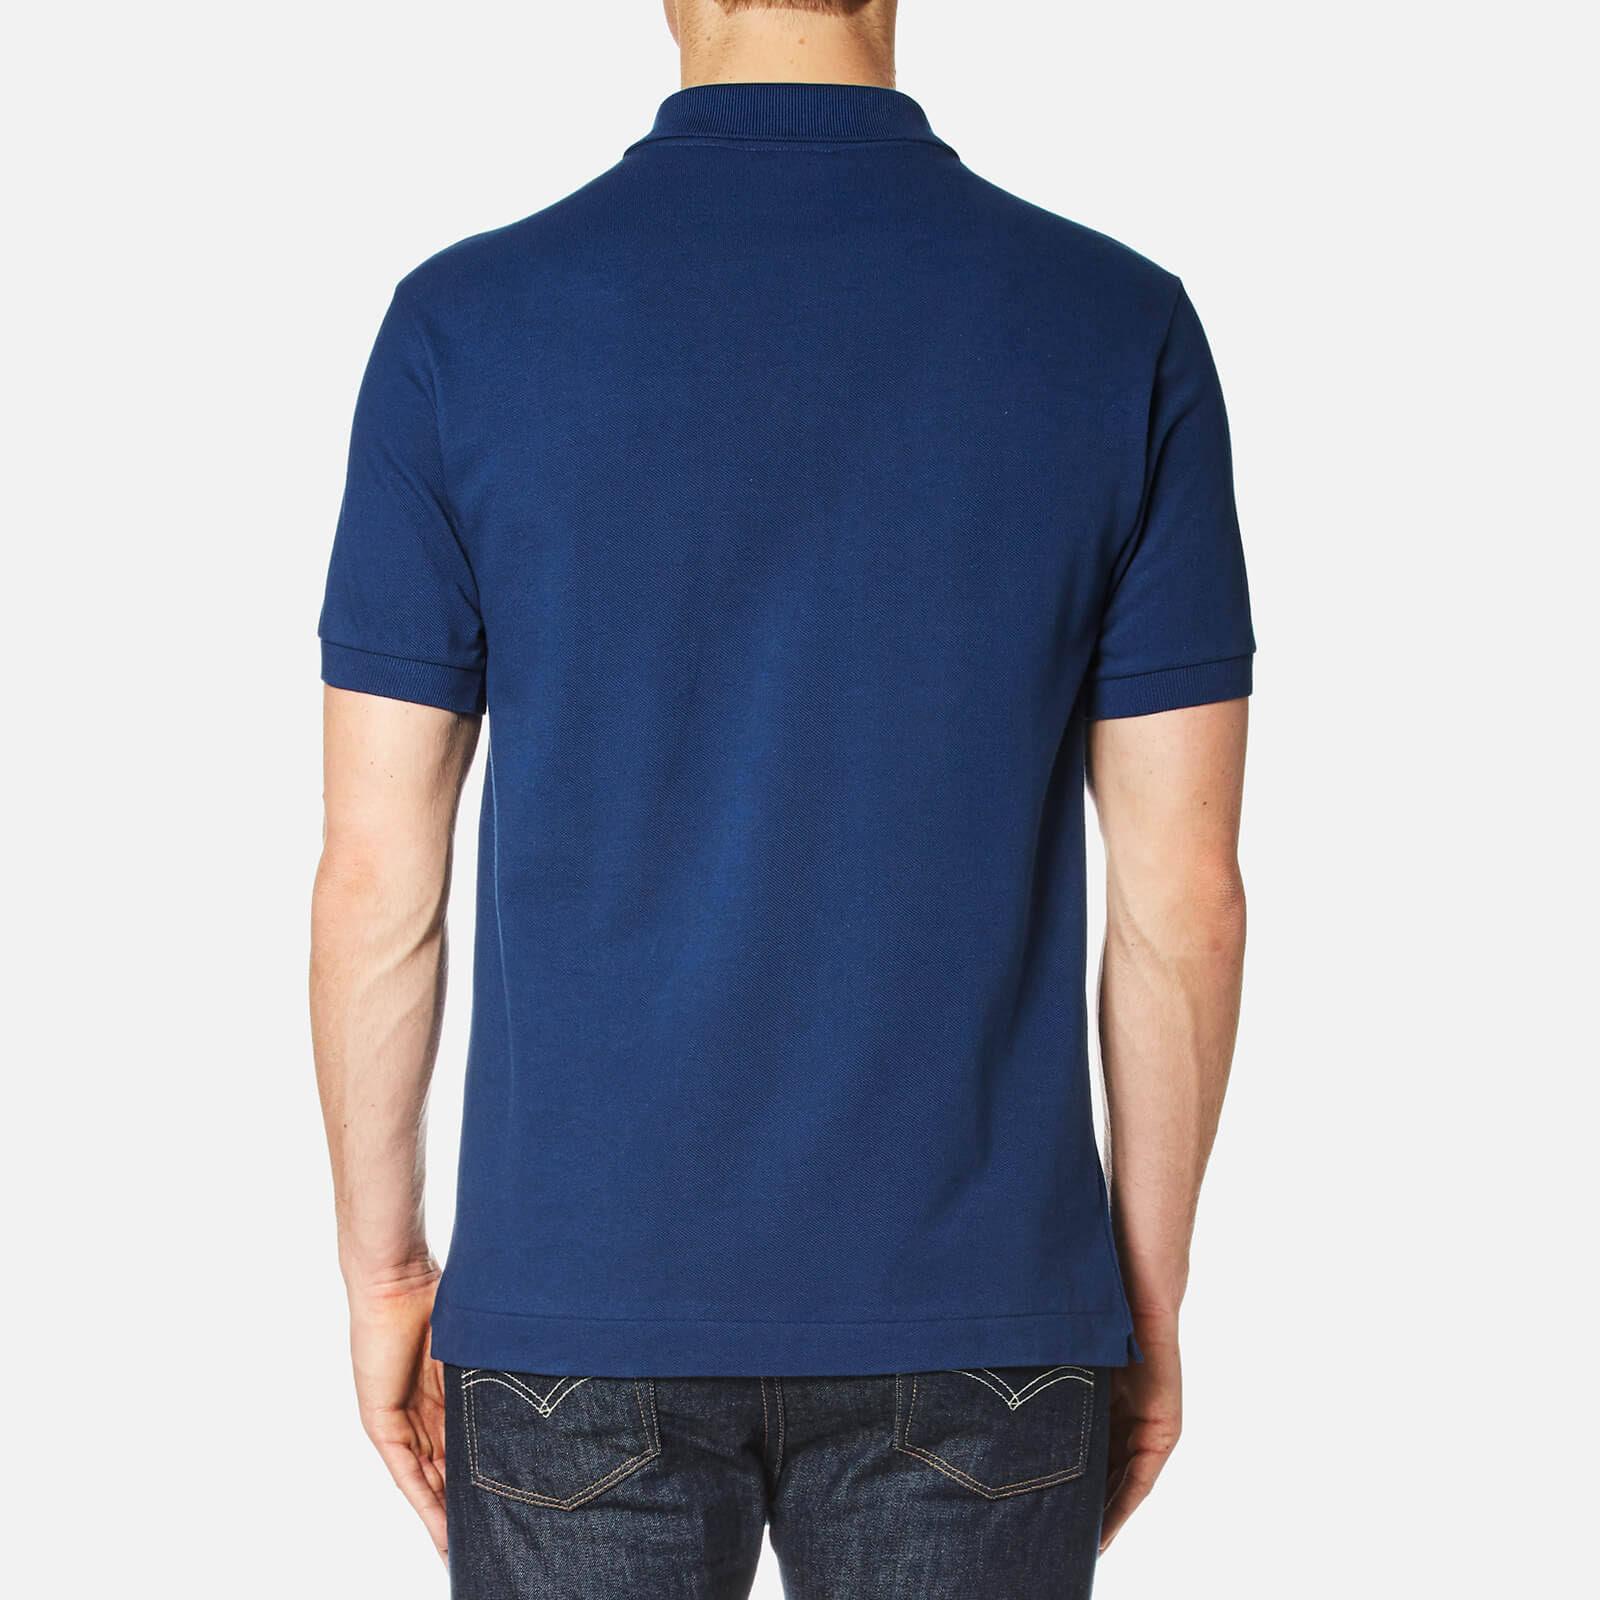 Poloshirt Xl Dunkelblau 6 Herren Lacoste HfwF0c5qIx